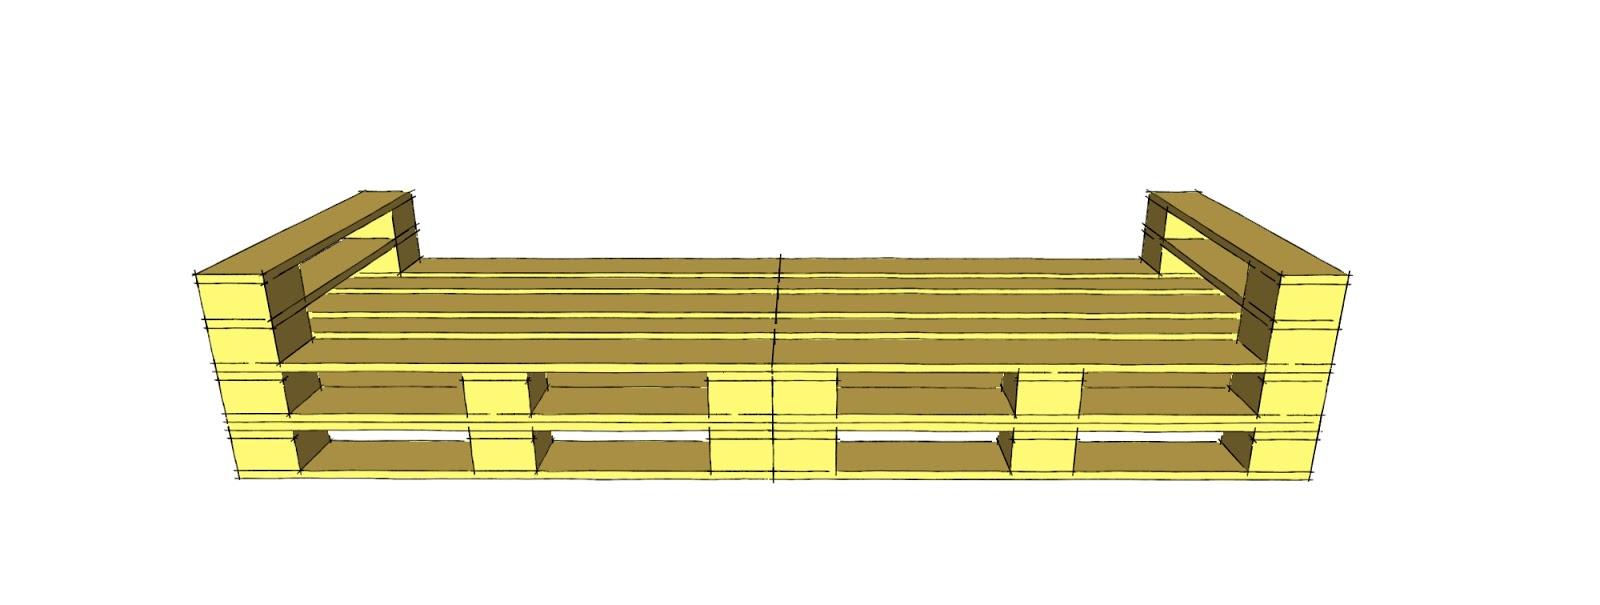 Schienale divano con bancali idee creative e innovative for Poste mobili 0 pensieri small